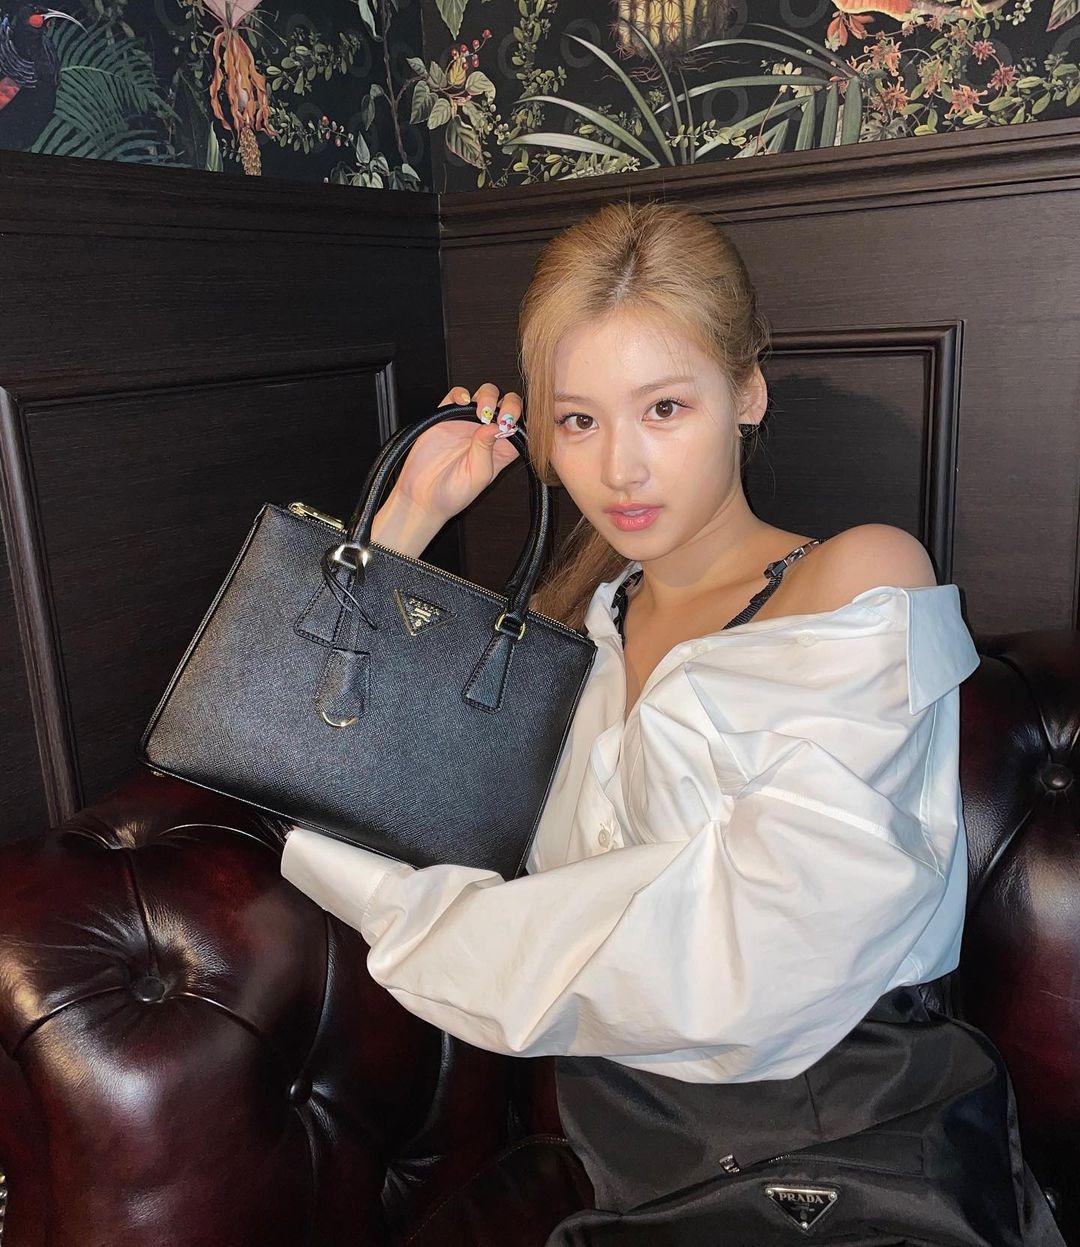 Gần đây, Twice bắt đầu hợp tác trong các chiến dịch quảng bá với nhiều thương hiệu thời trang lớn. Trong đợt quảng cáo dòng túi xách Prada Galleria, Sana được chọn là một trong các KOL. Trên Instagram chính thức của Twice, cô đăng tải hình ảnh diện cây đồ đen trắng, cầm túi trên tay để giới thiệu đến các tín đồ thời trang. Bộ cánh đen trắng của nữ idol được khen sexy và thanh lịch vừa đủ, rất phù hợp với phong cách của chiếc túi.